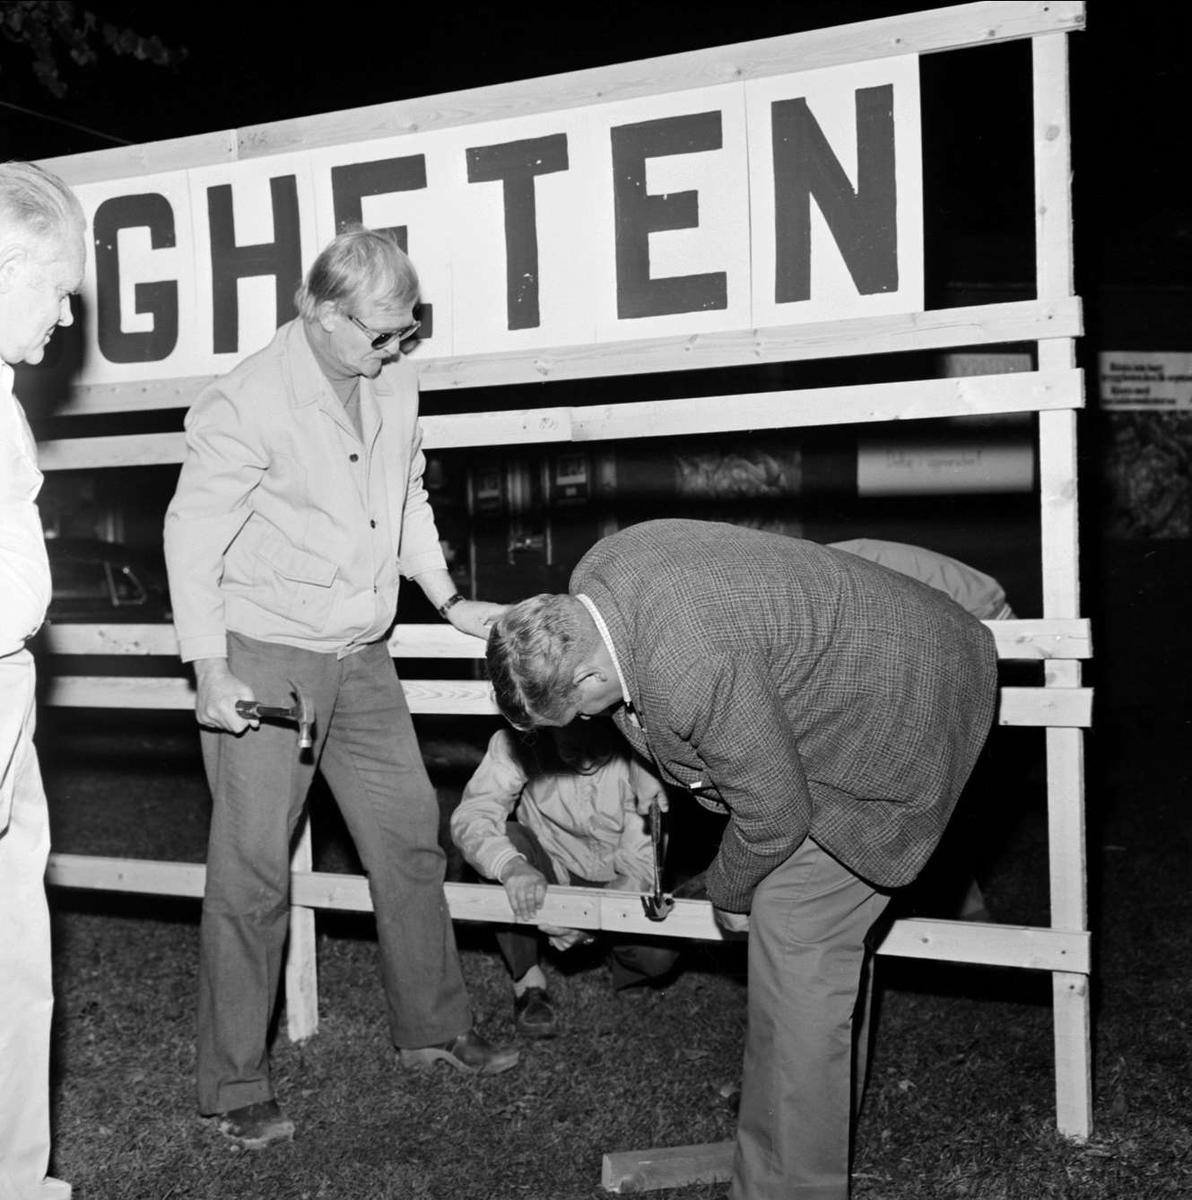 Riksdagsvalet i Tierp, Uppland september 1973. Tre män hjälps åt med en affischställning